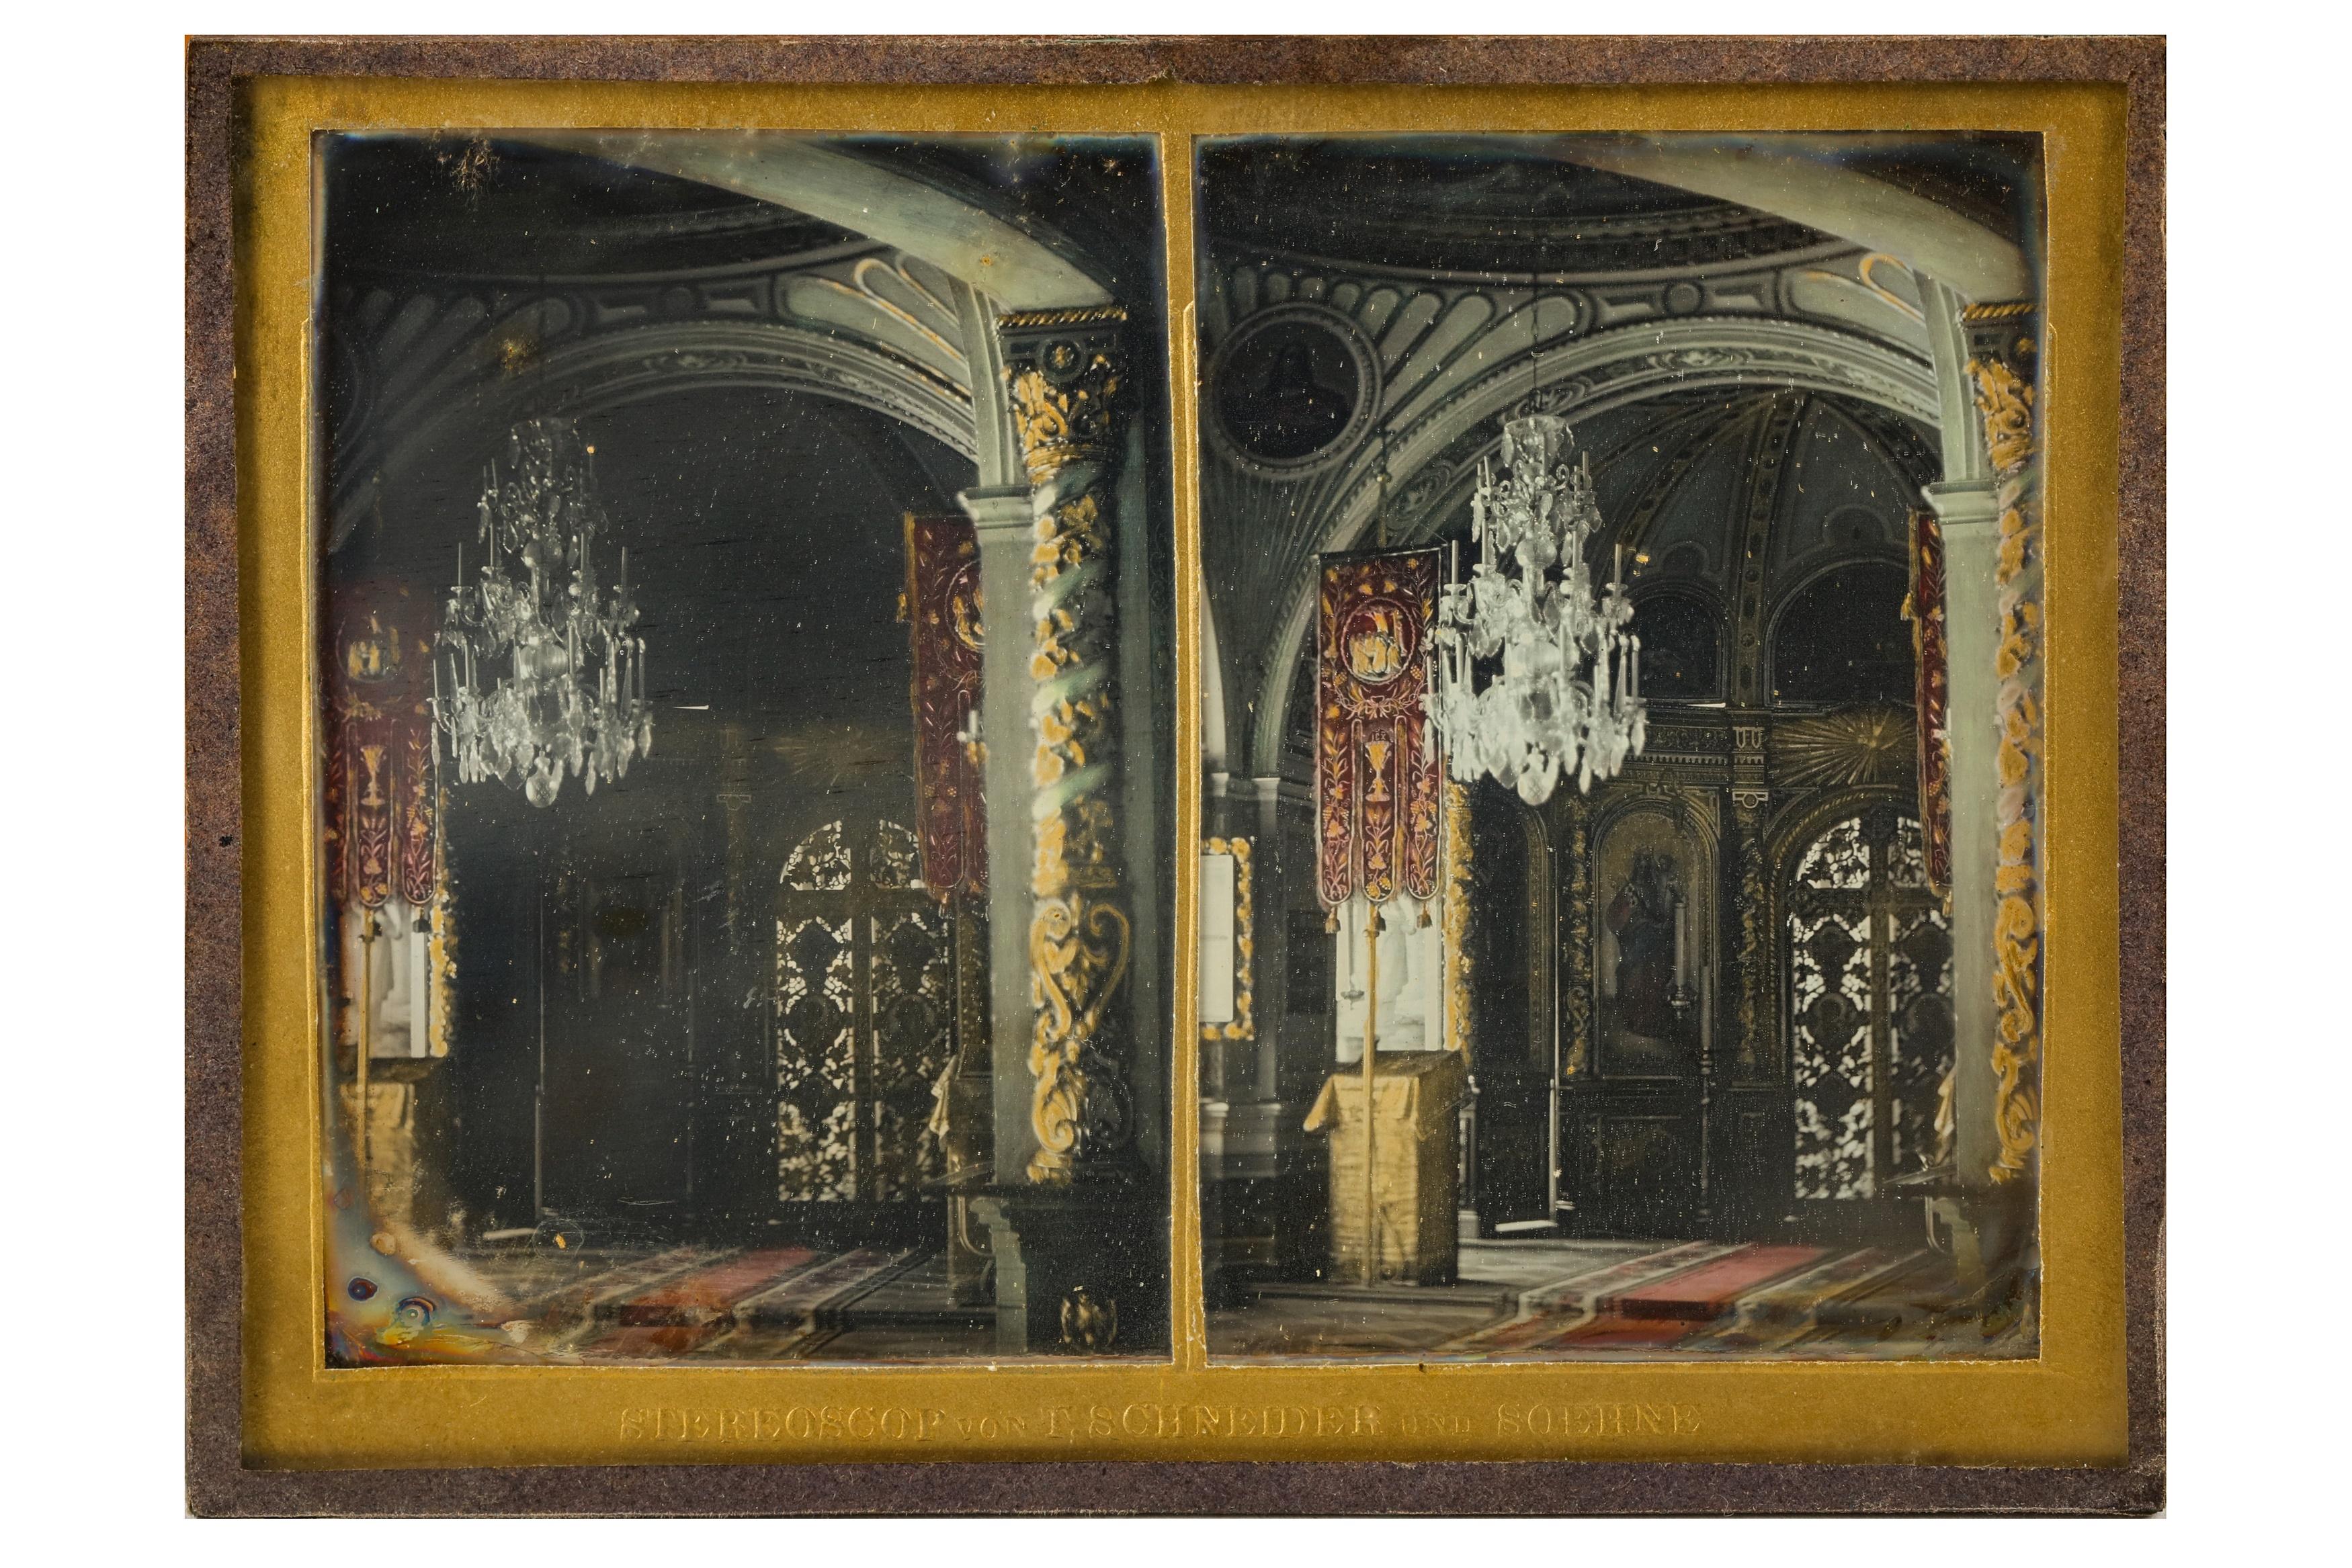 T. SCHNEIDER & SONS (1847-1921) - Image 7 of 22